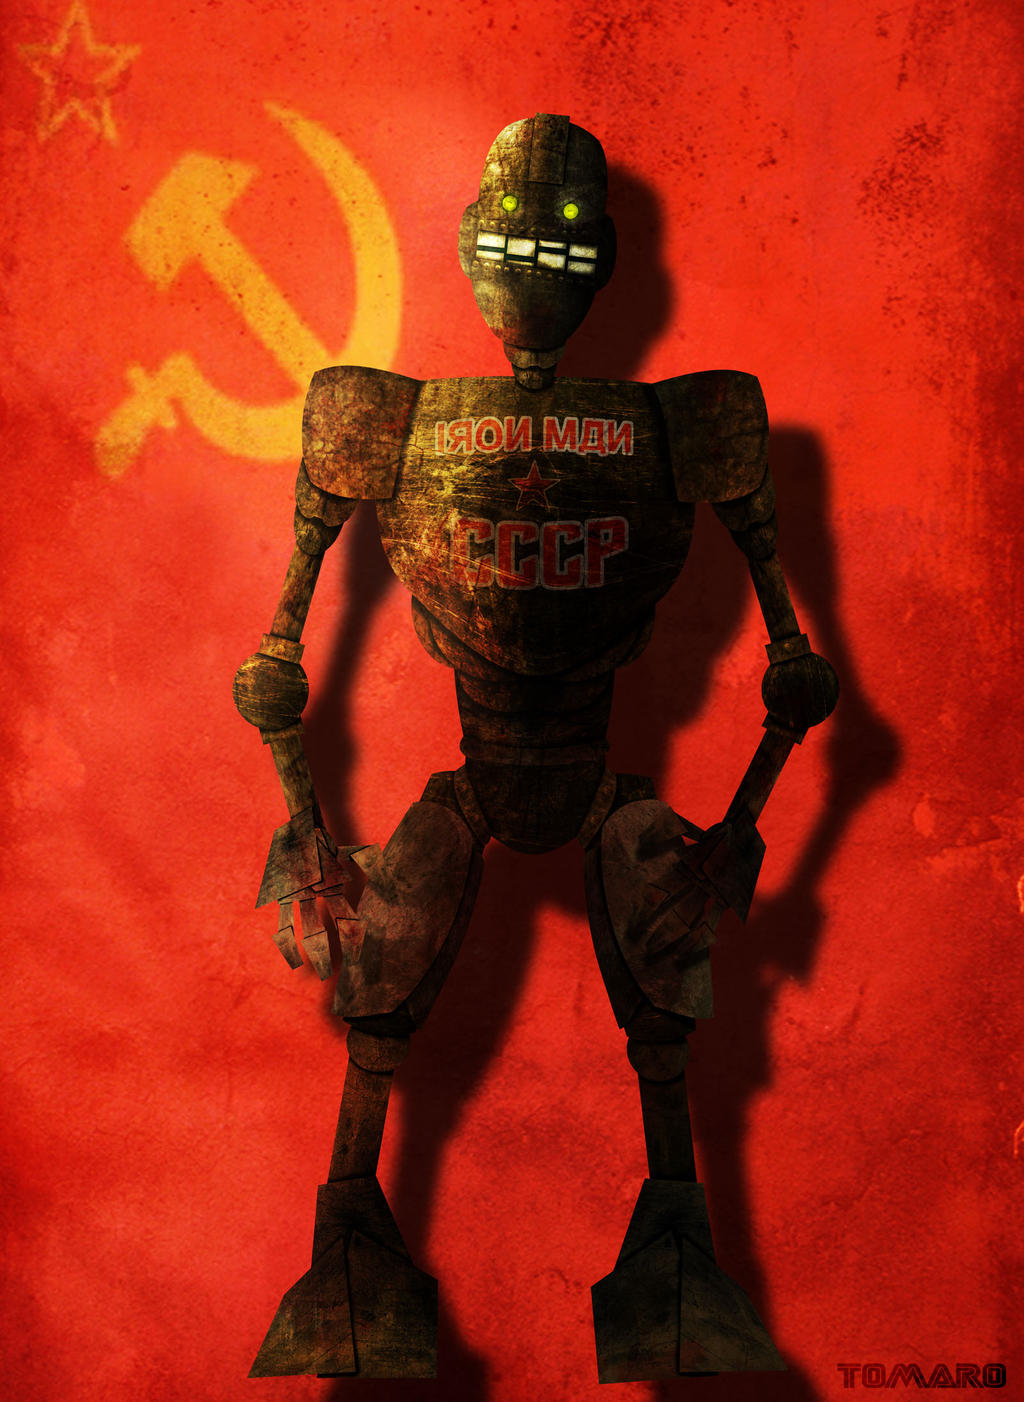 Soviet Iron Man